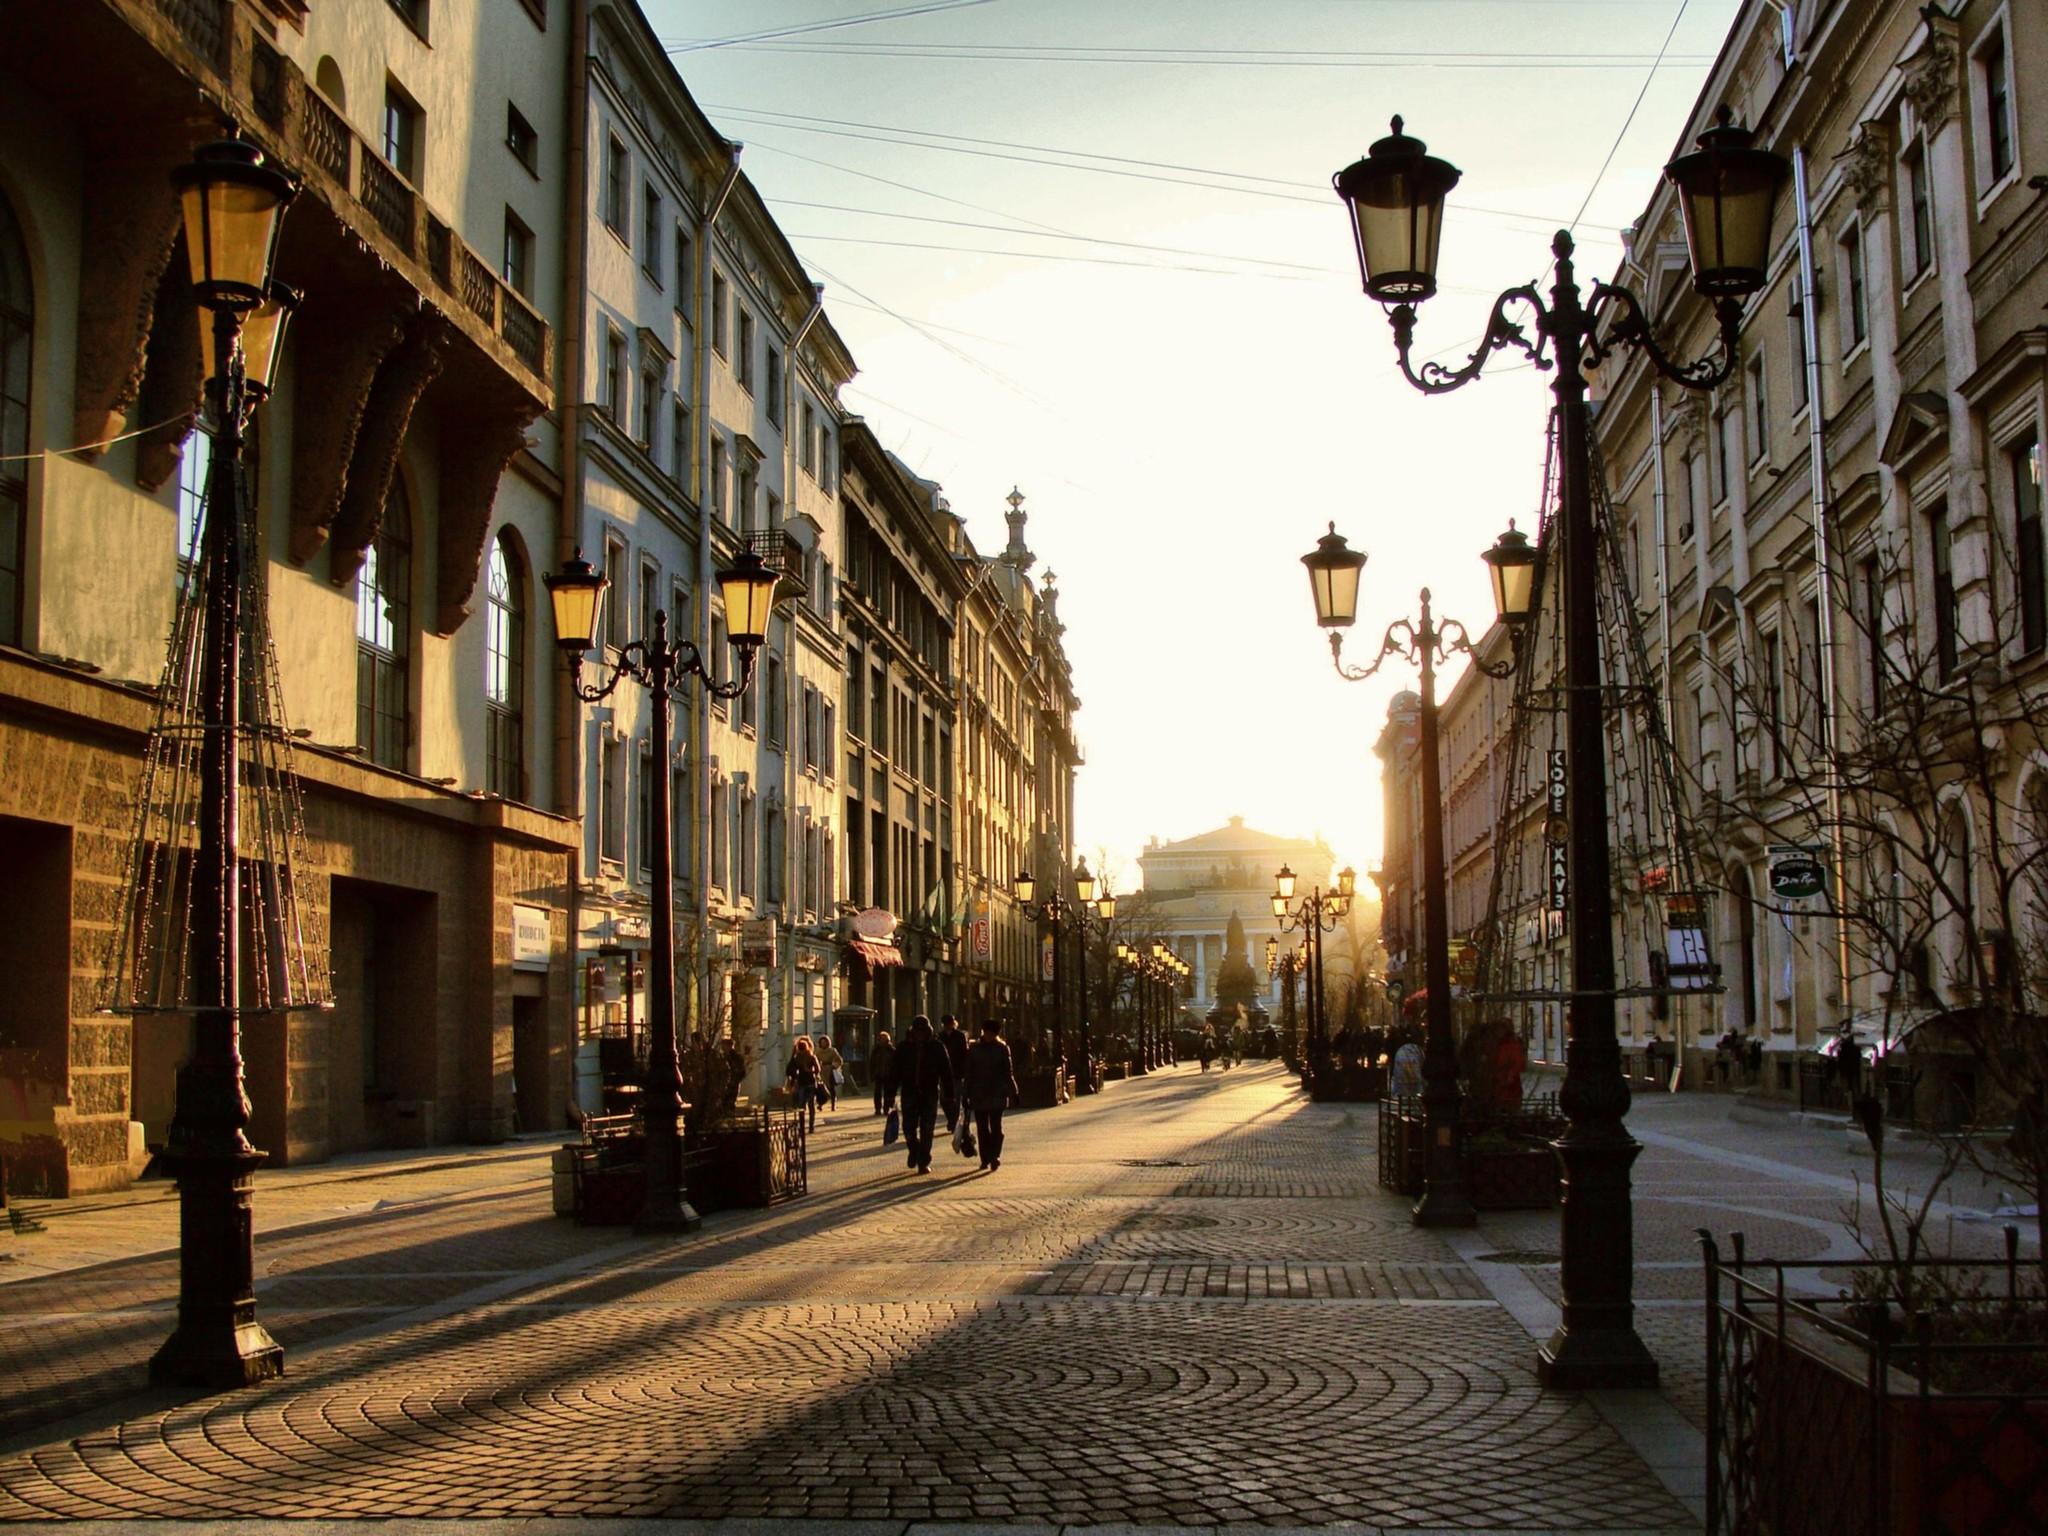 интересные картинки улицы возможно права, всяком